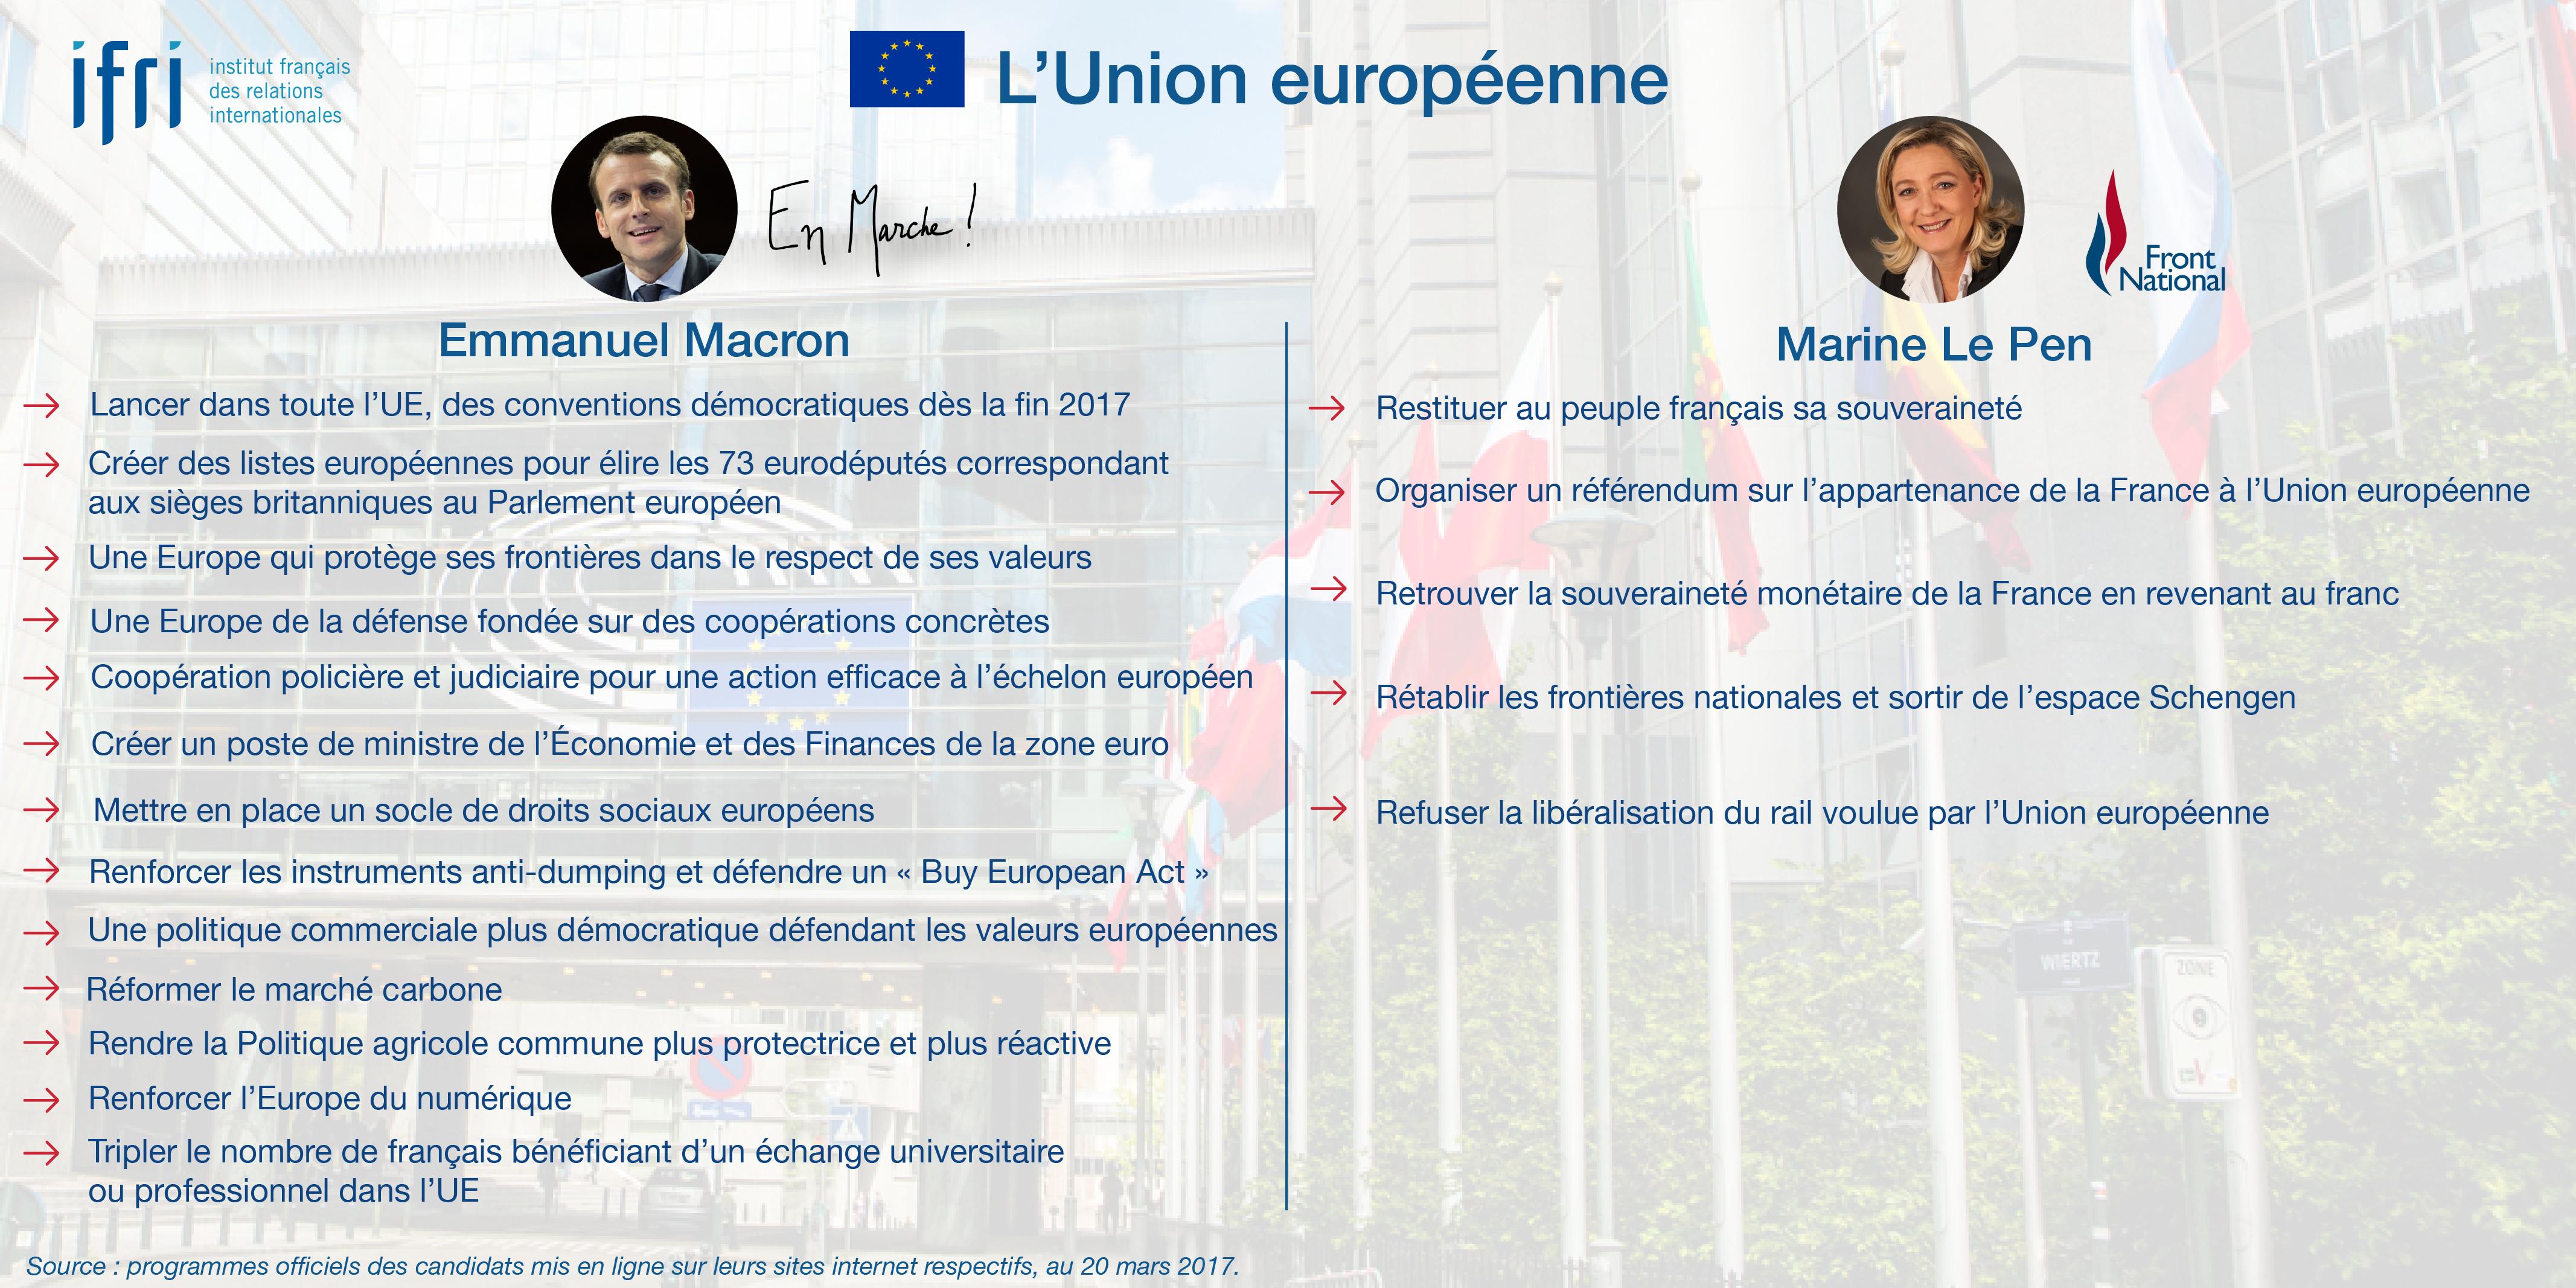 L'Union européenne - Macron - Le Pen - Présidentielle 2017